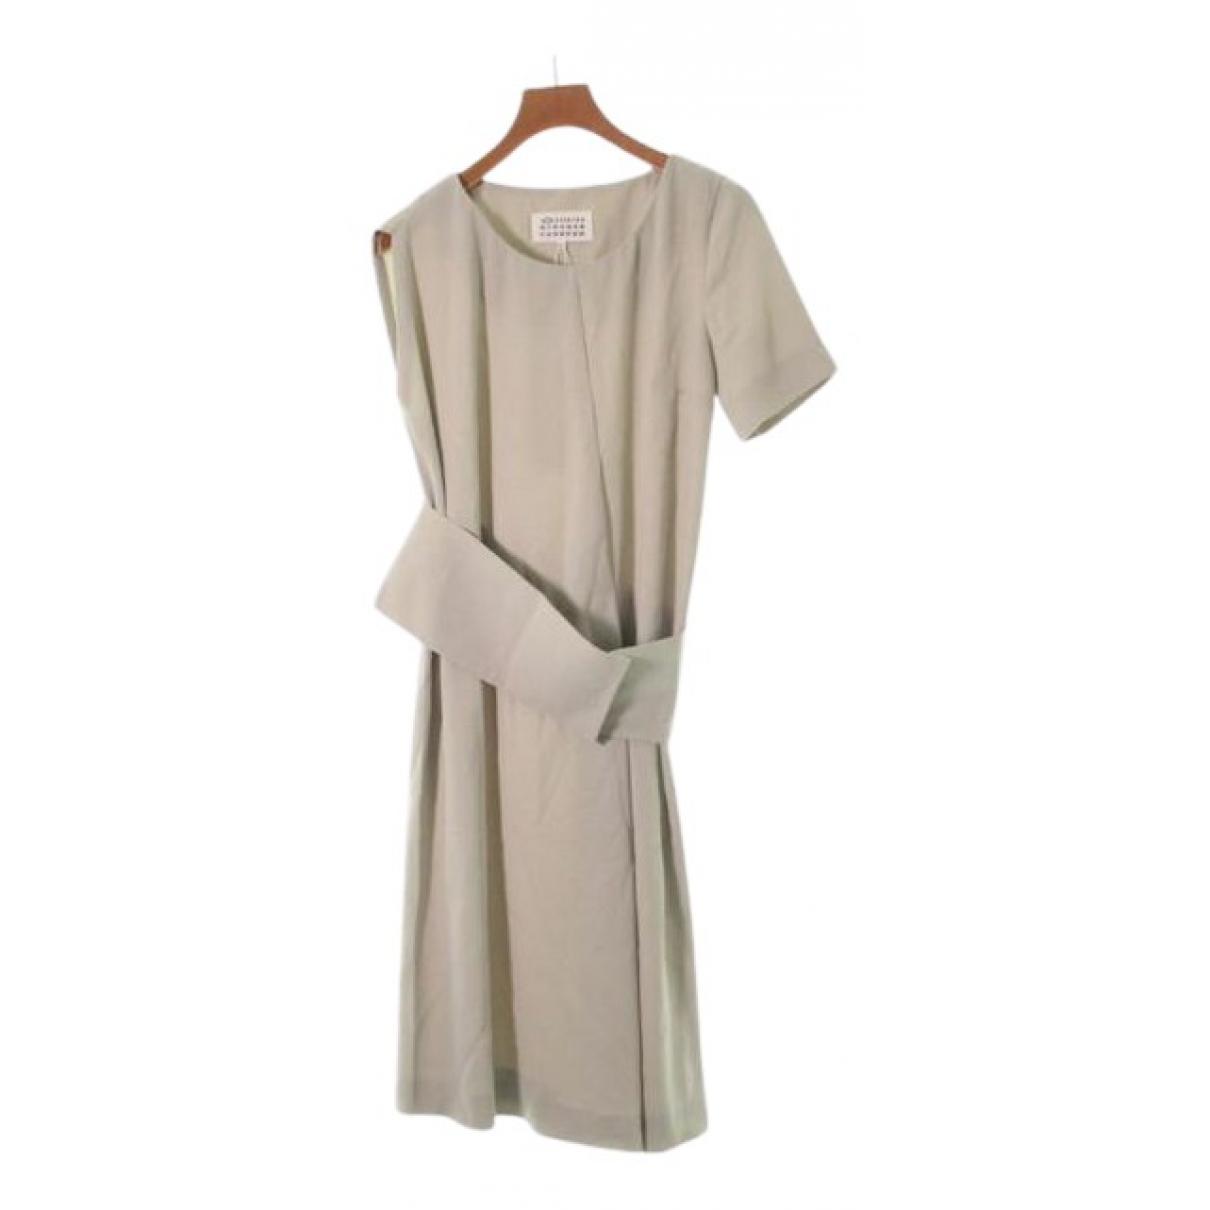 Maison Martin Margiela \N Kleid in  Beige Synthetik